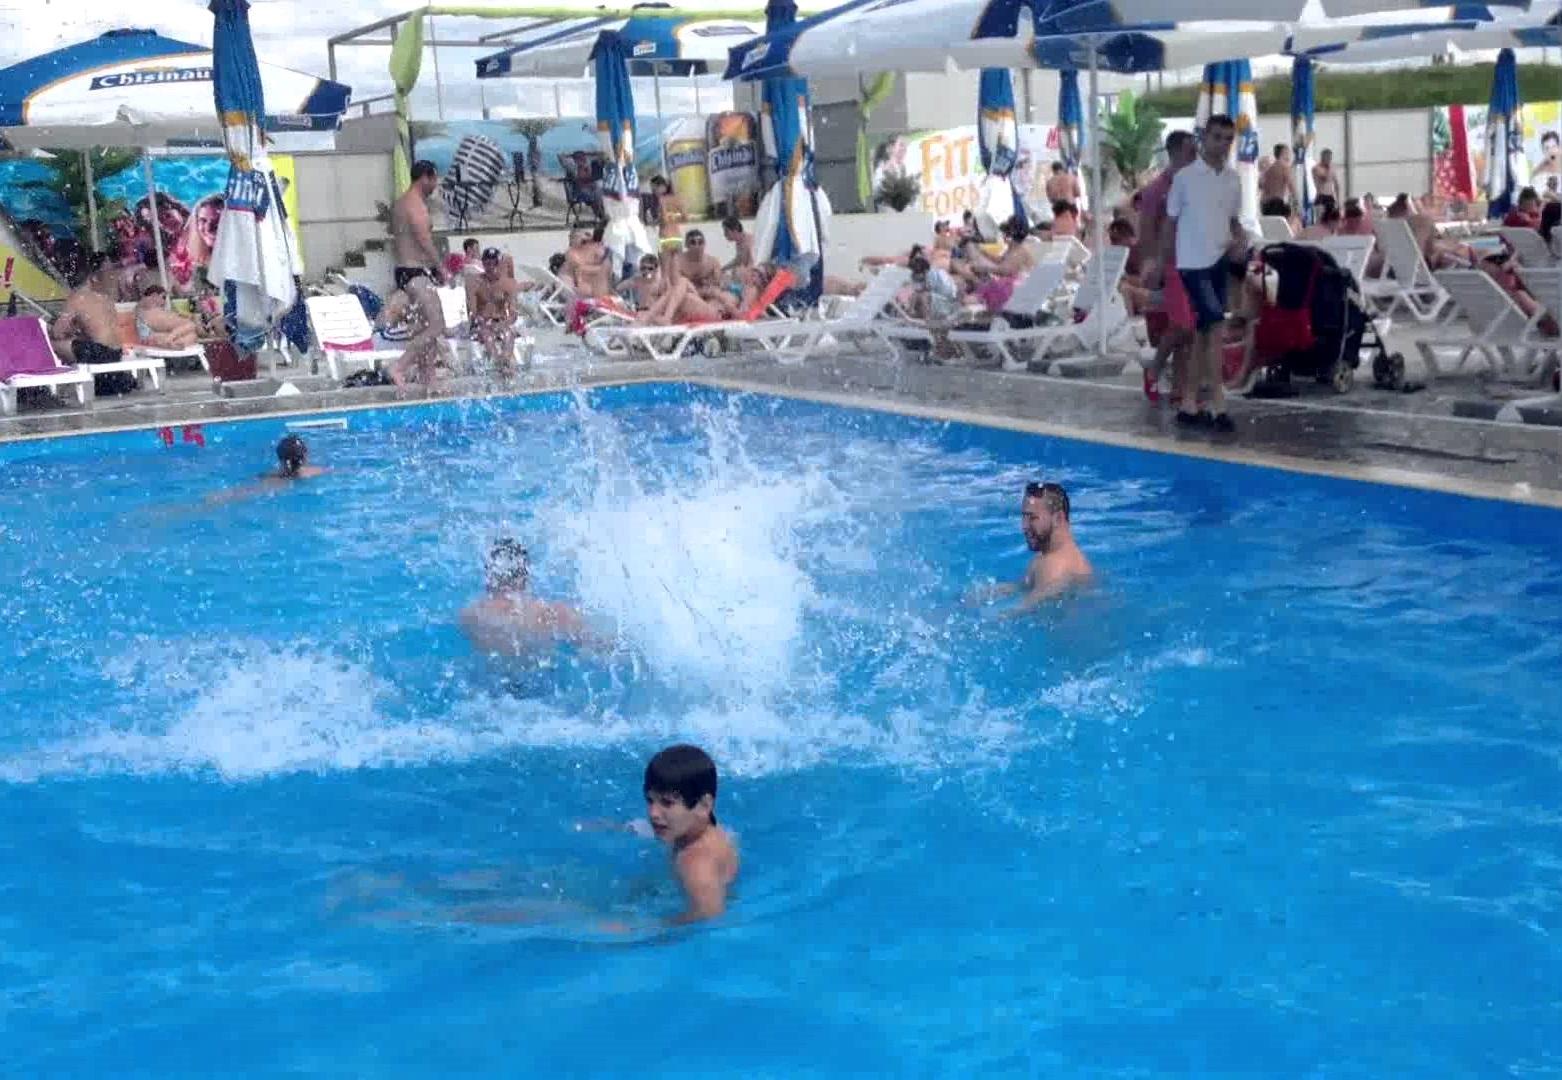 В Сороке юноша утонул в бассейне, а его приятель – в тяжелом состоянии в больнице